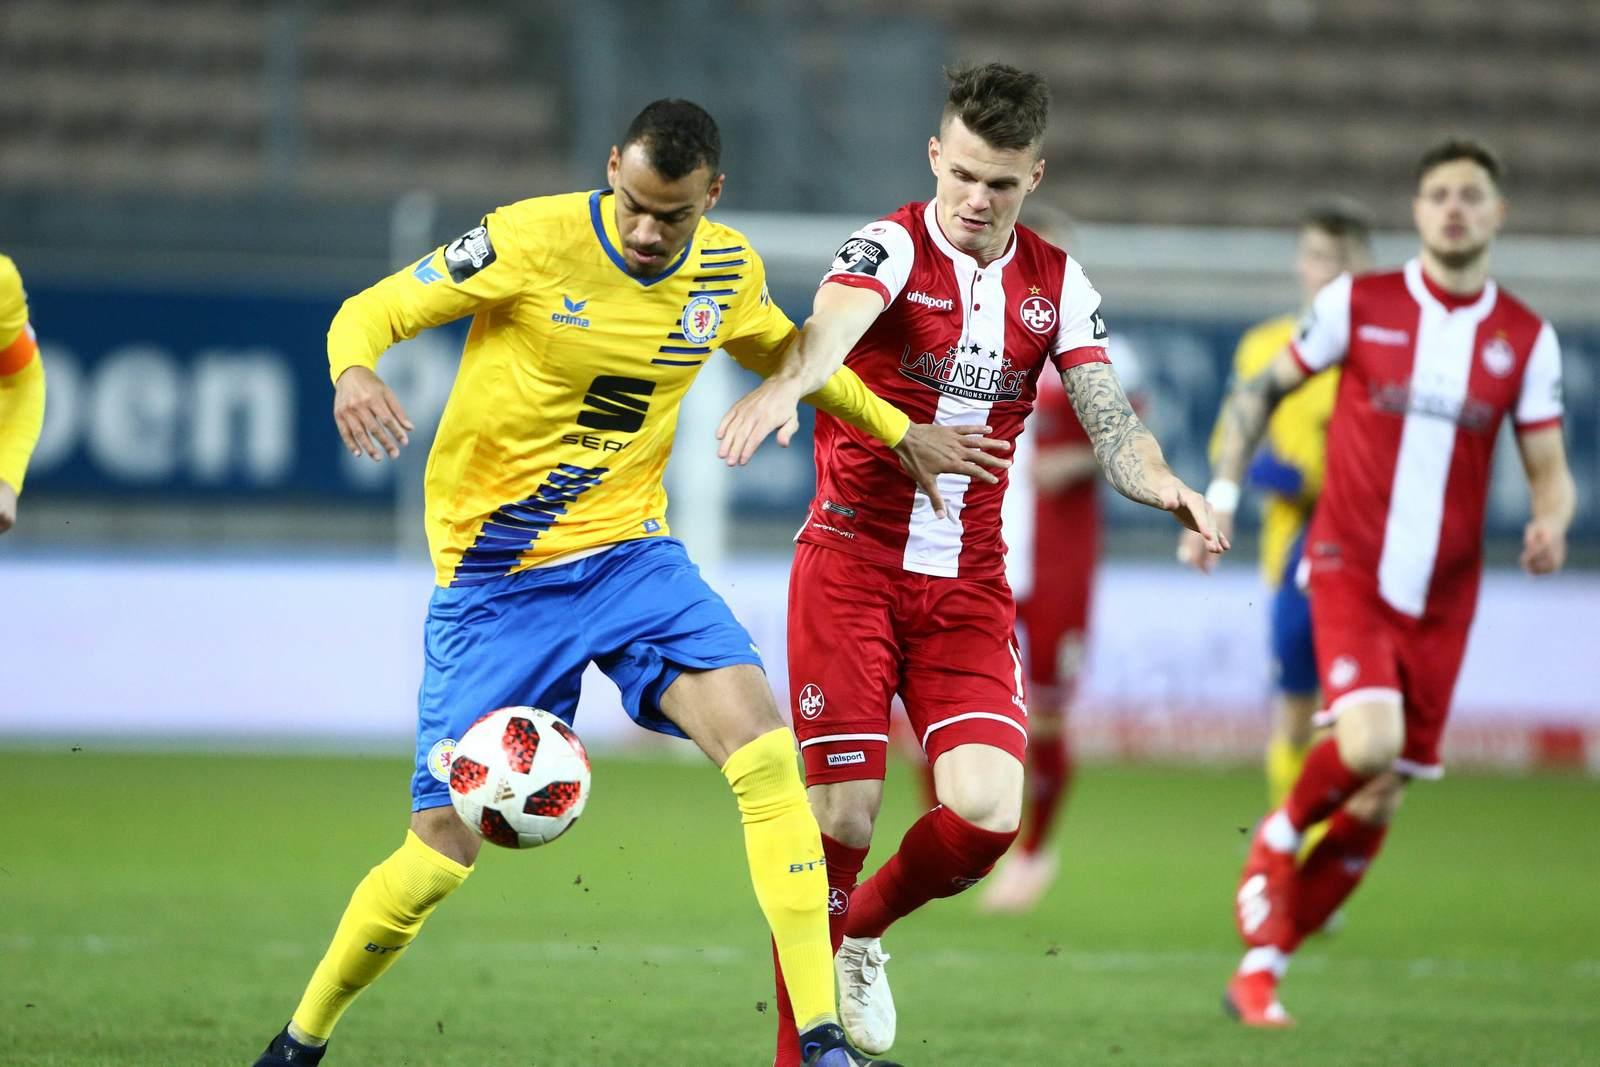 Steffen Nkansah von Braunschweig gegen Florian Pick vom FCK